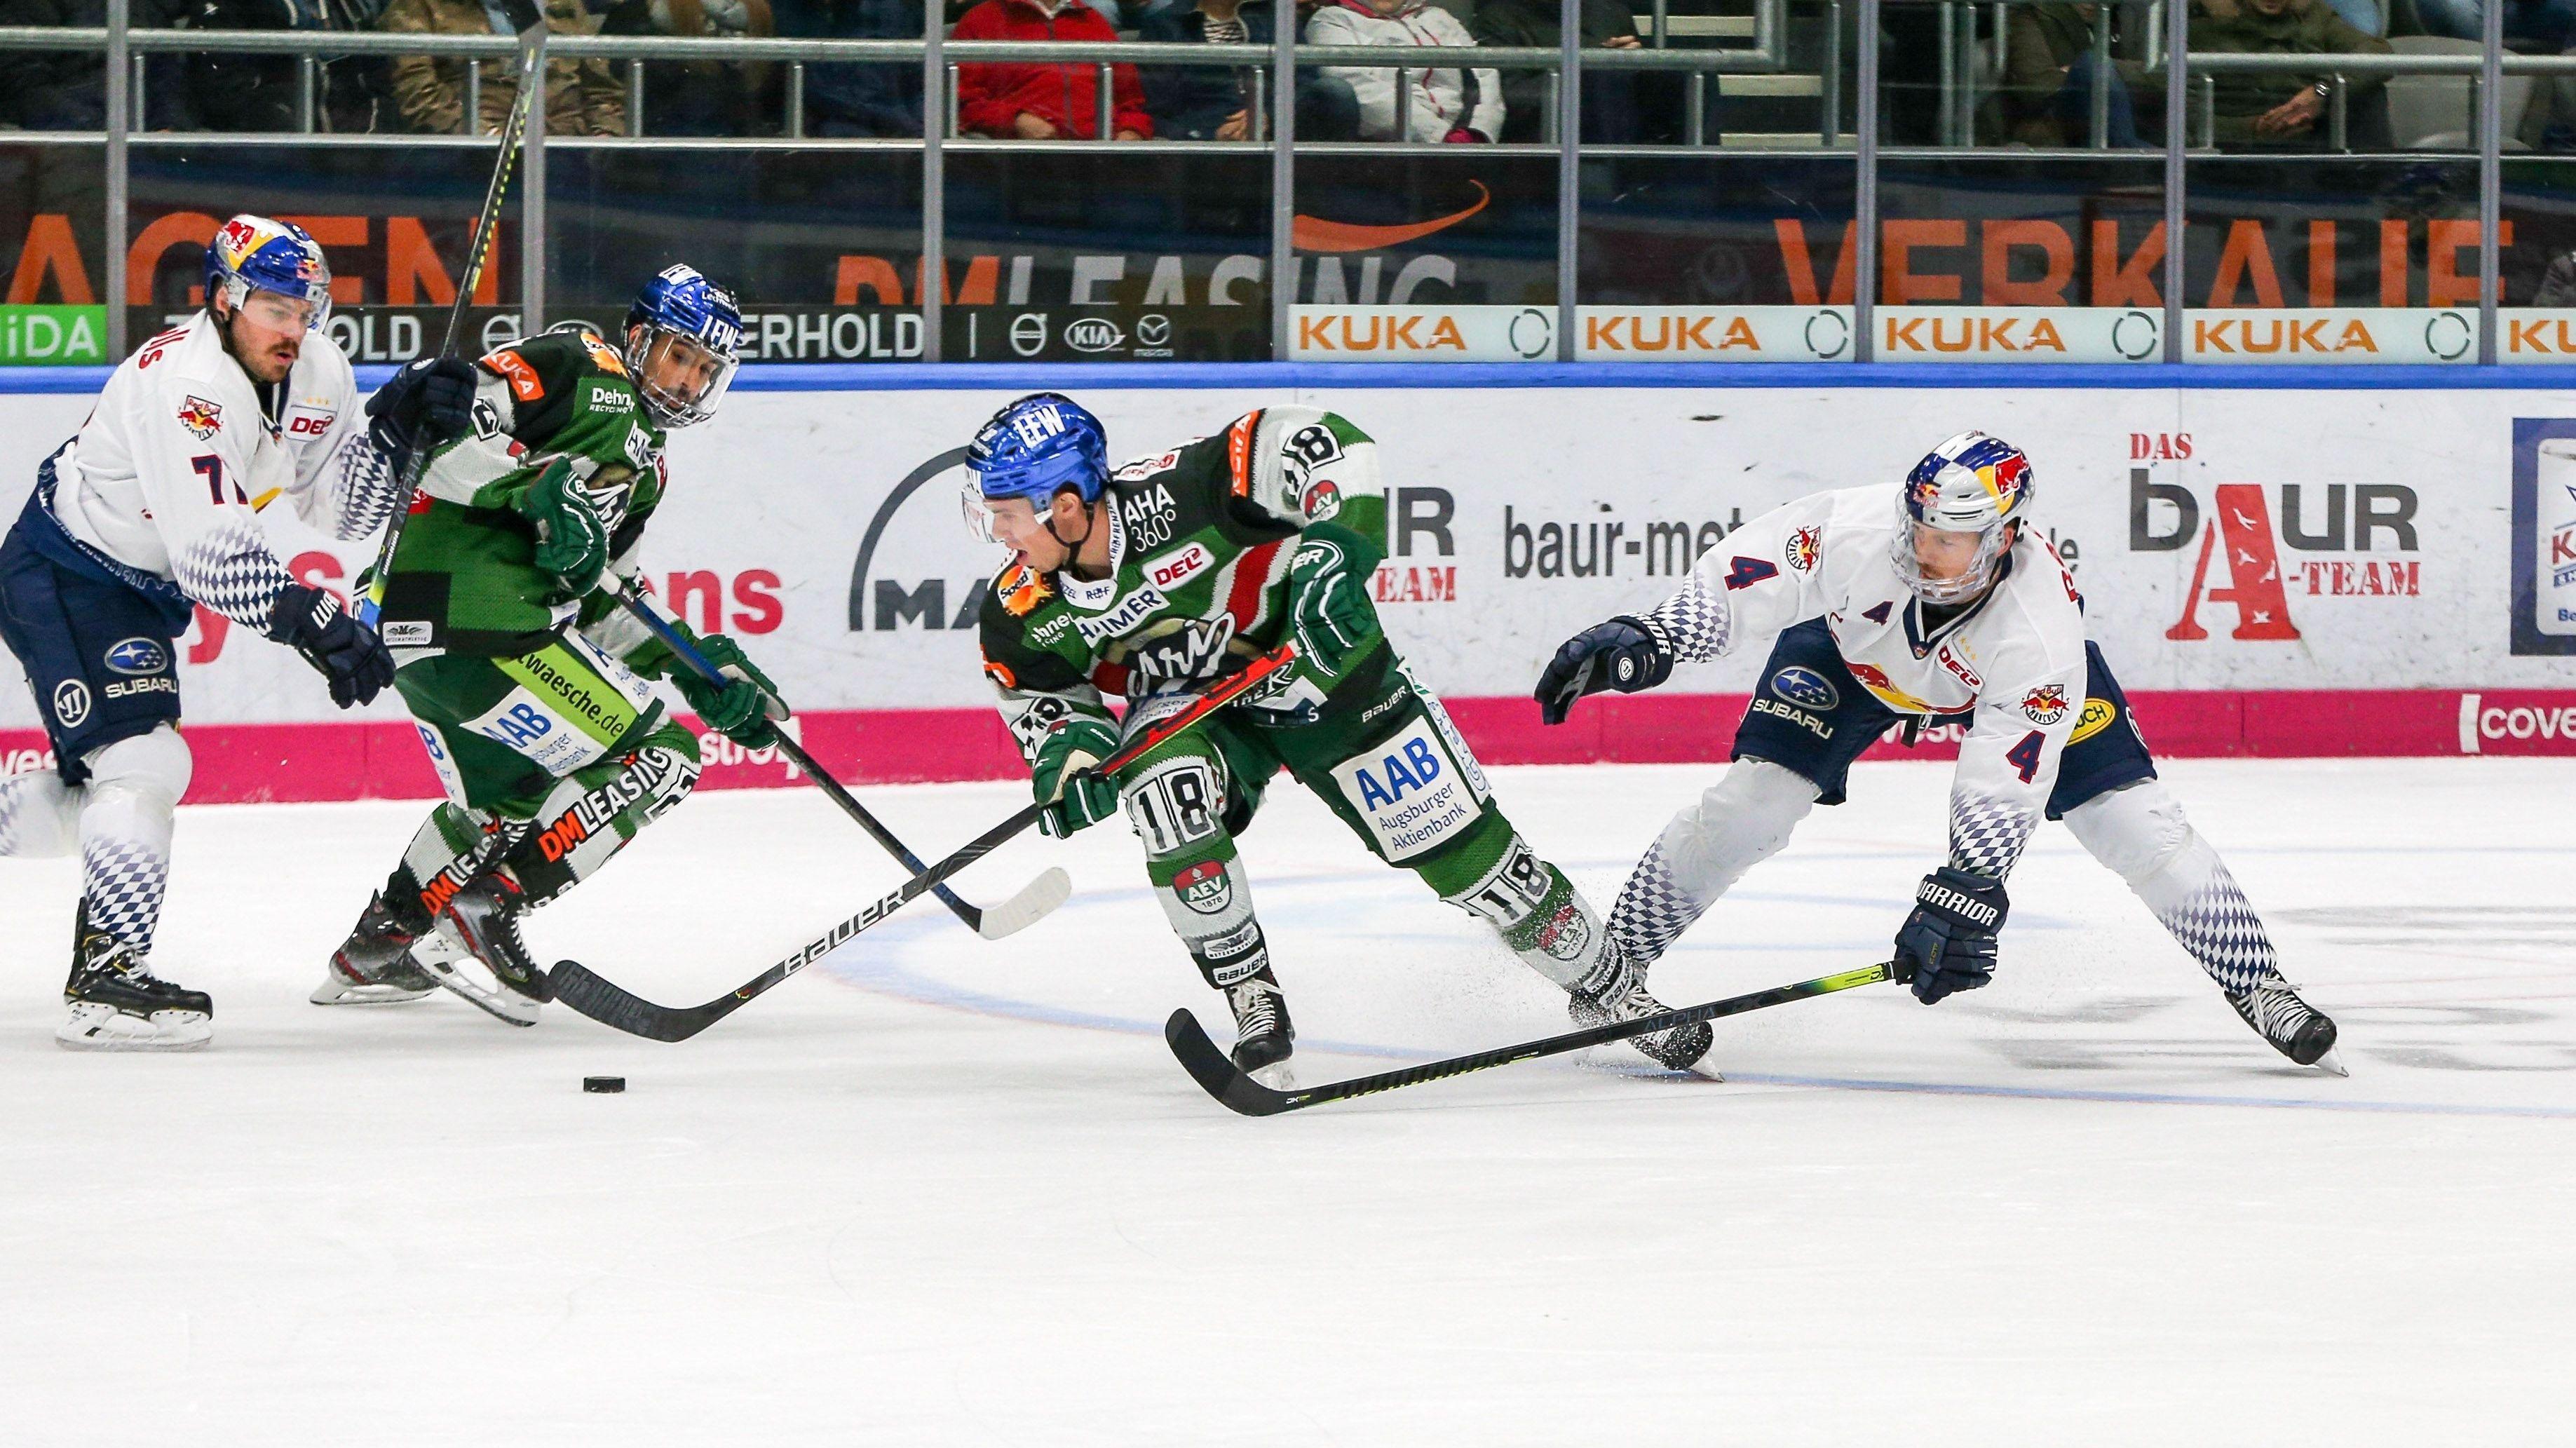 Eishockey-Spielszene Augsburg - München